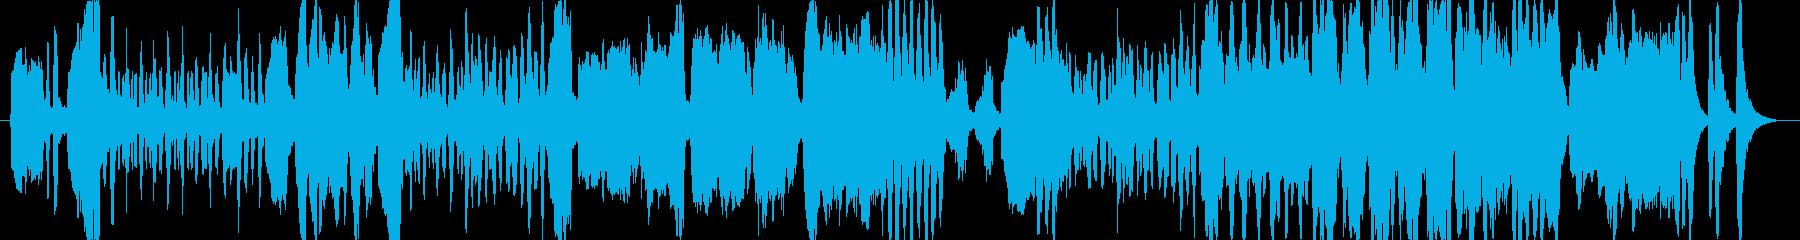 クラリネットがメインの少し可愛らしい曲の再生済みの波形